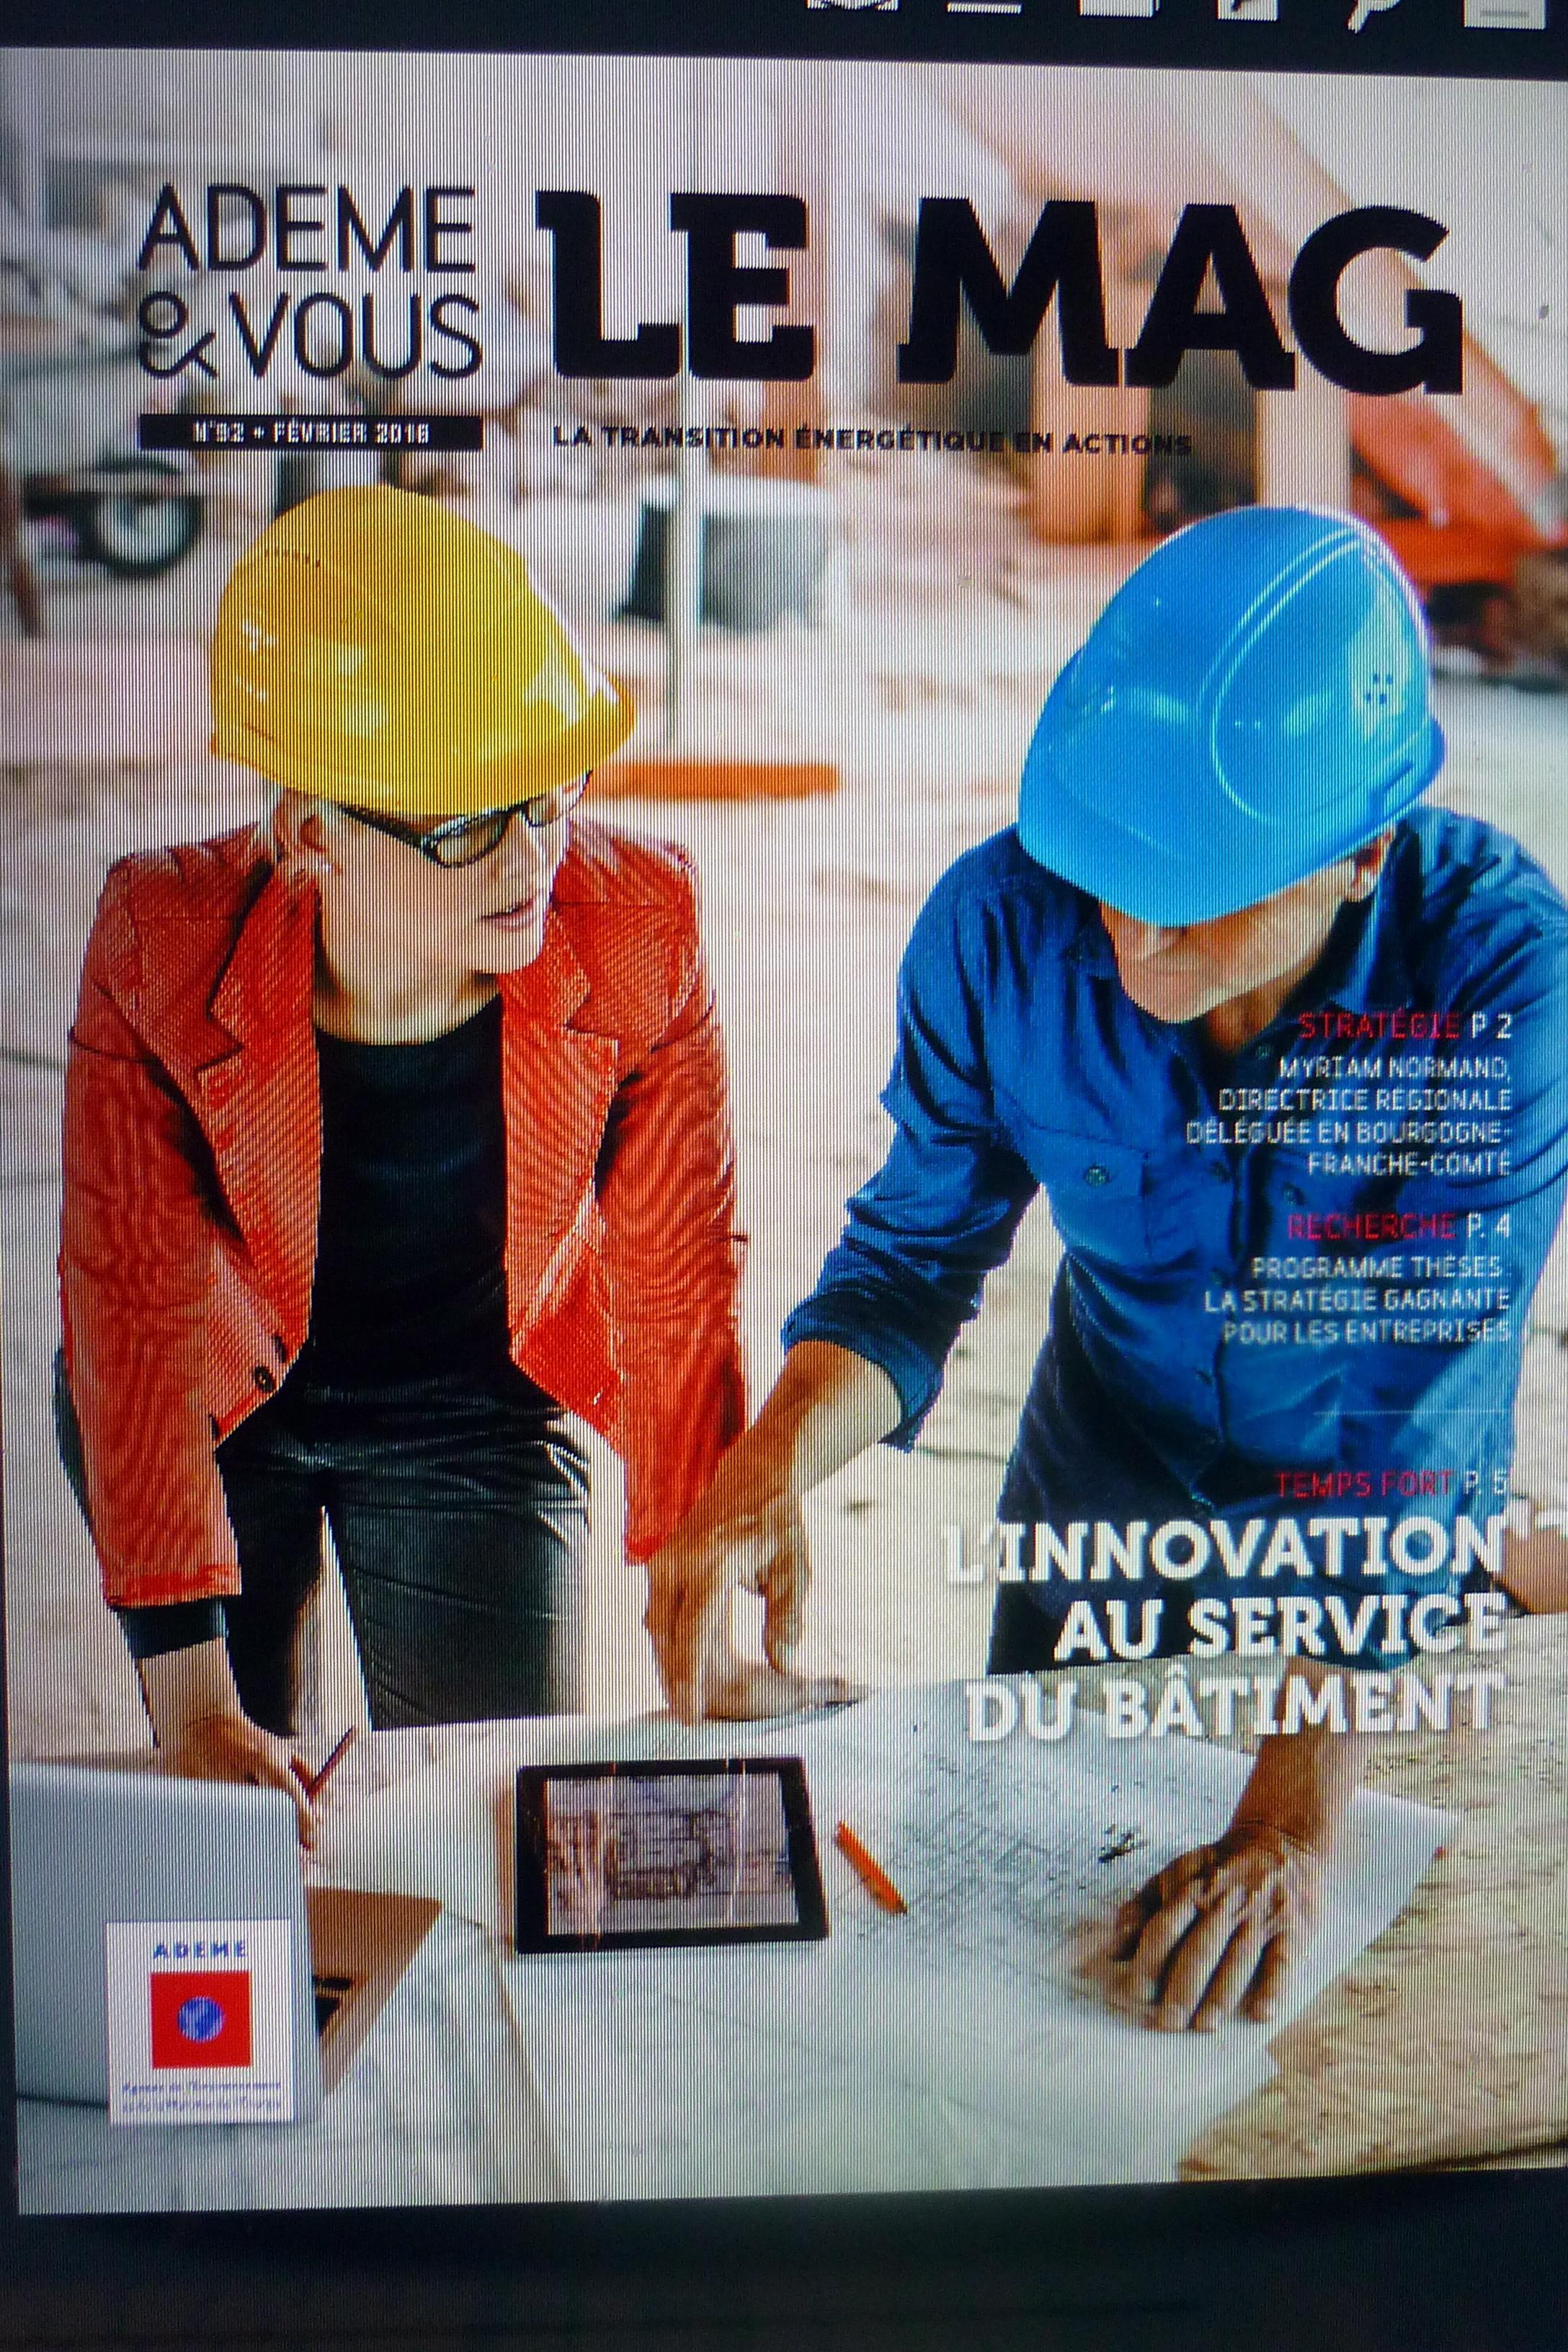 L'Ademe&Vous, le magazine de février 2016 complète les guides thématiques de l'Ademe